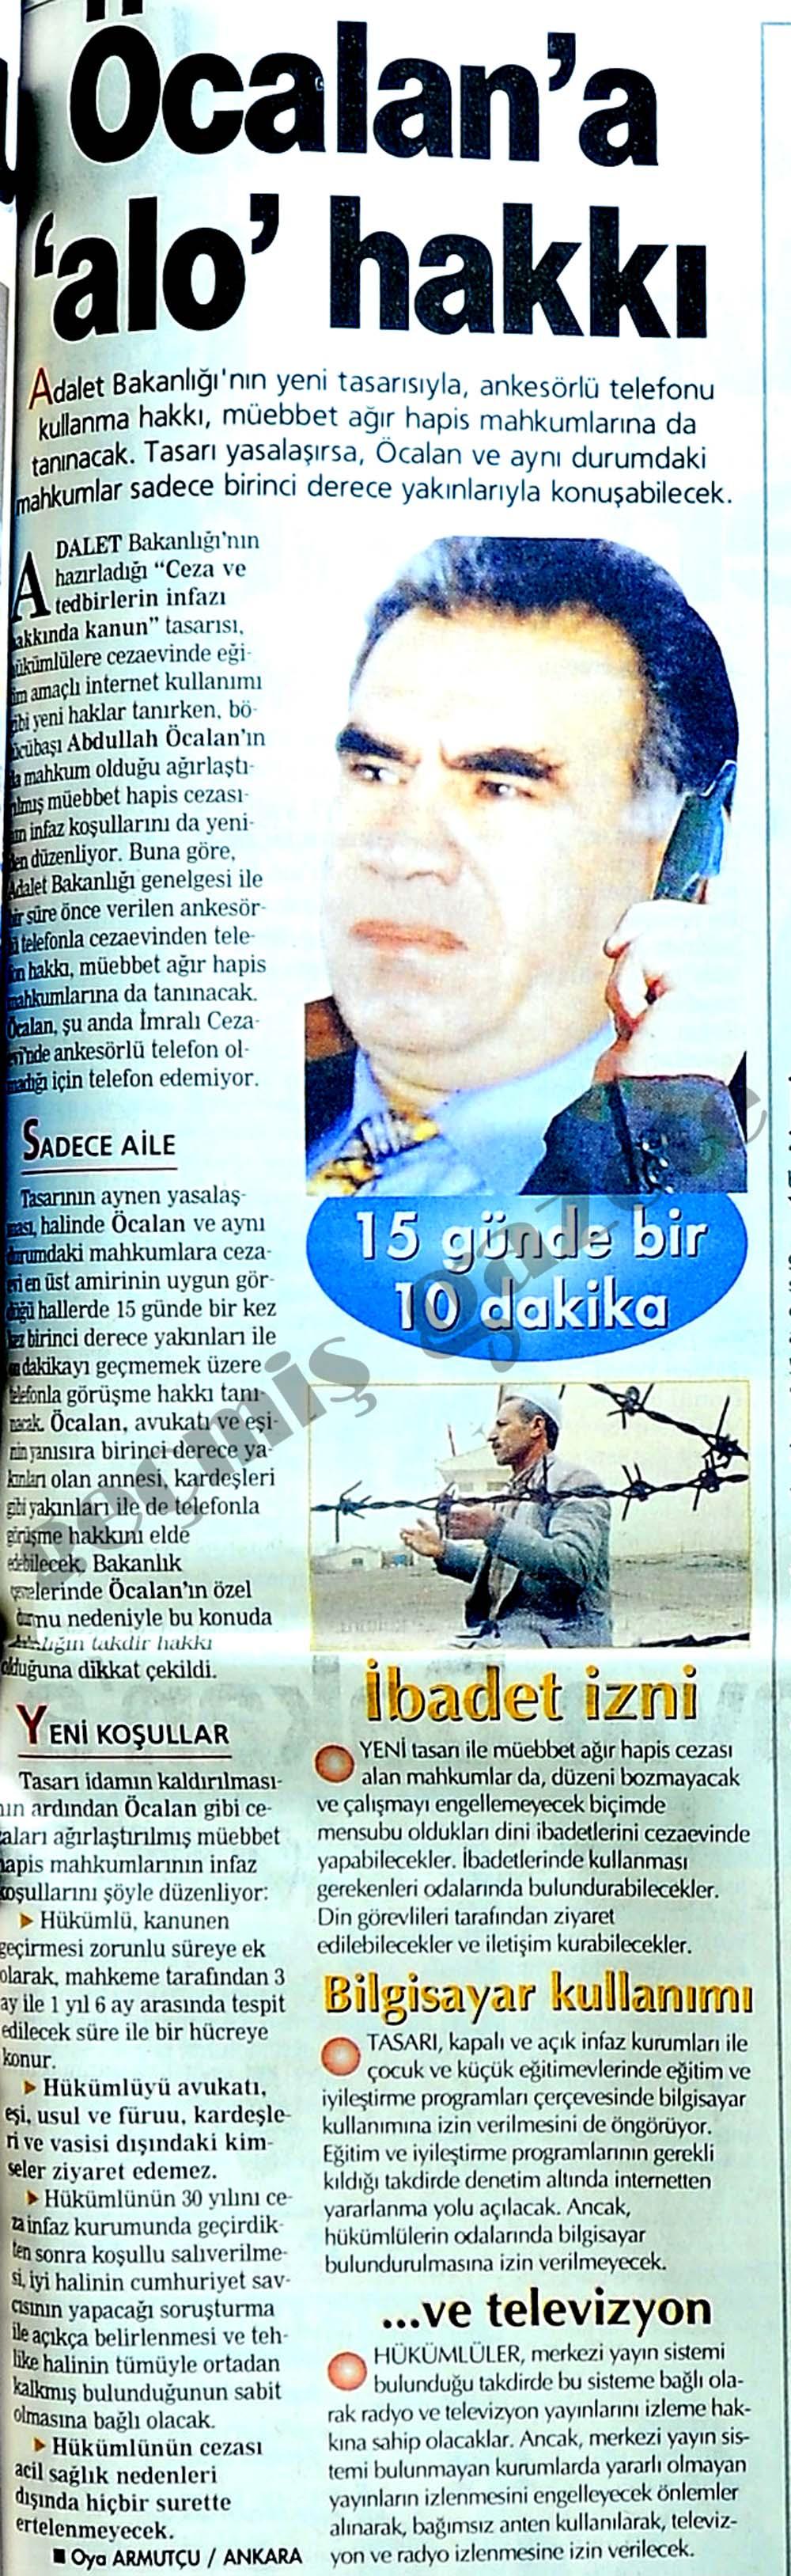 Öcalan'a 'alo' hakkı